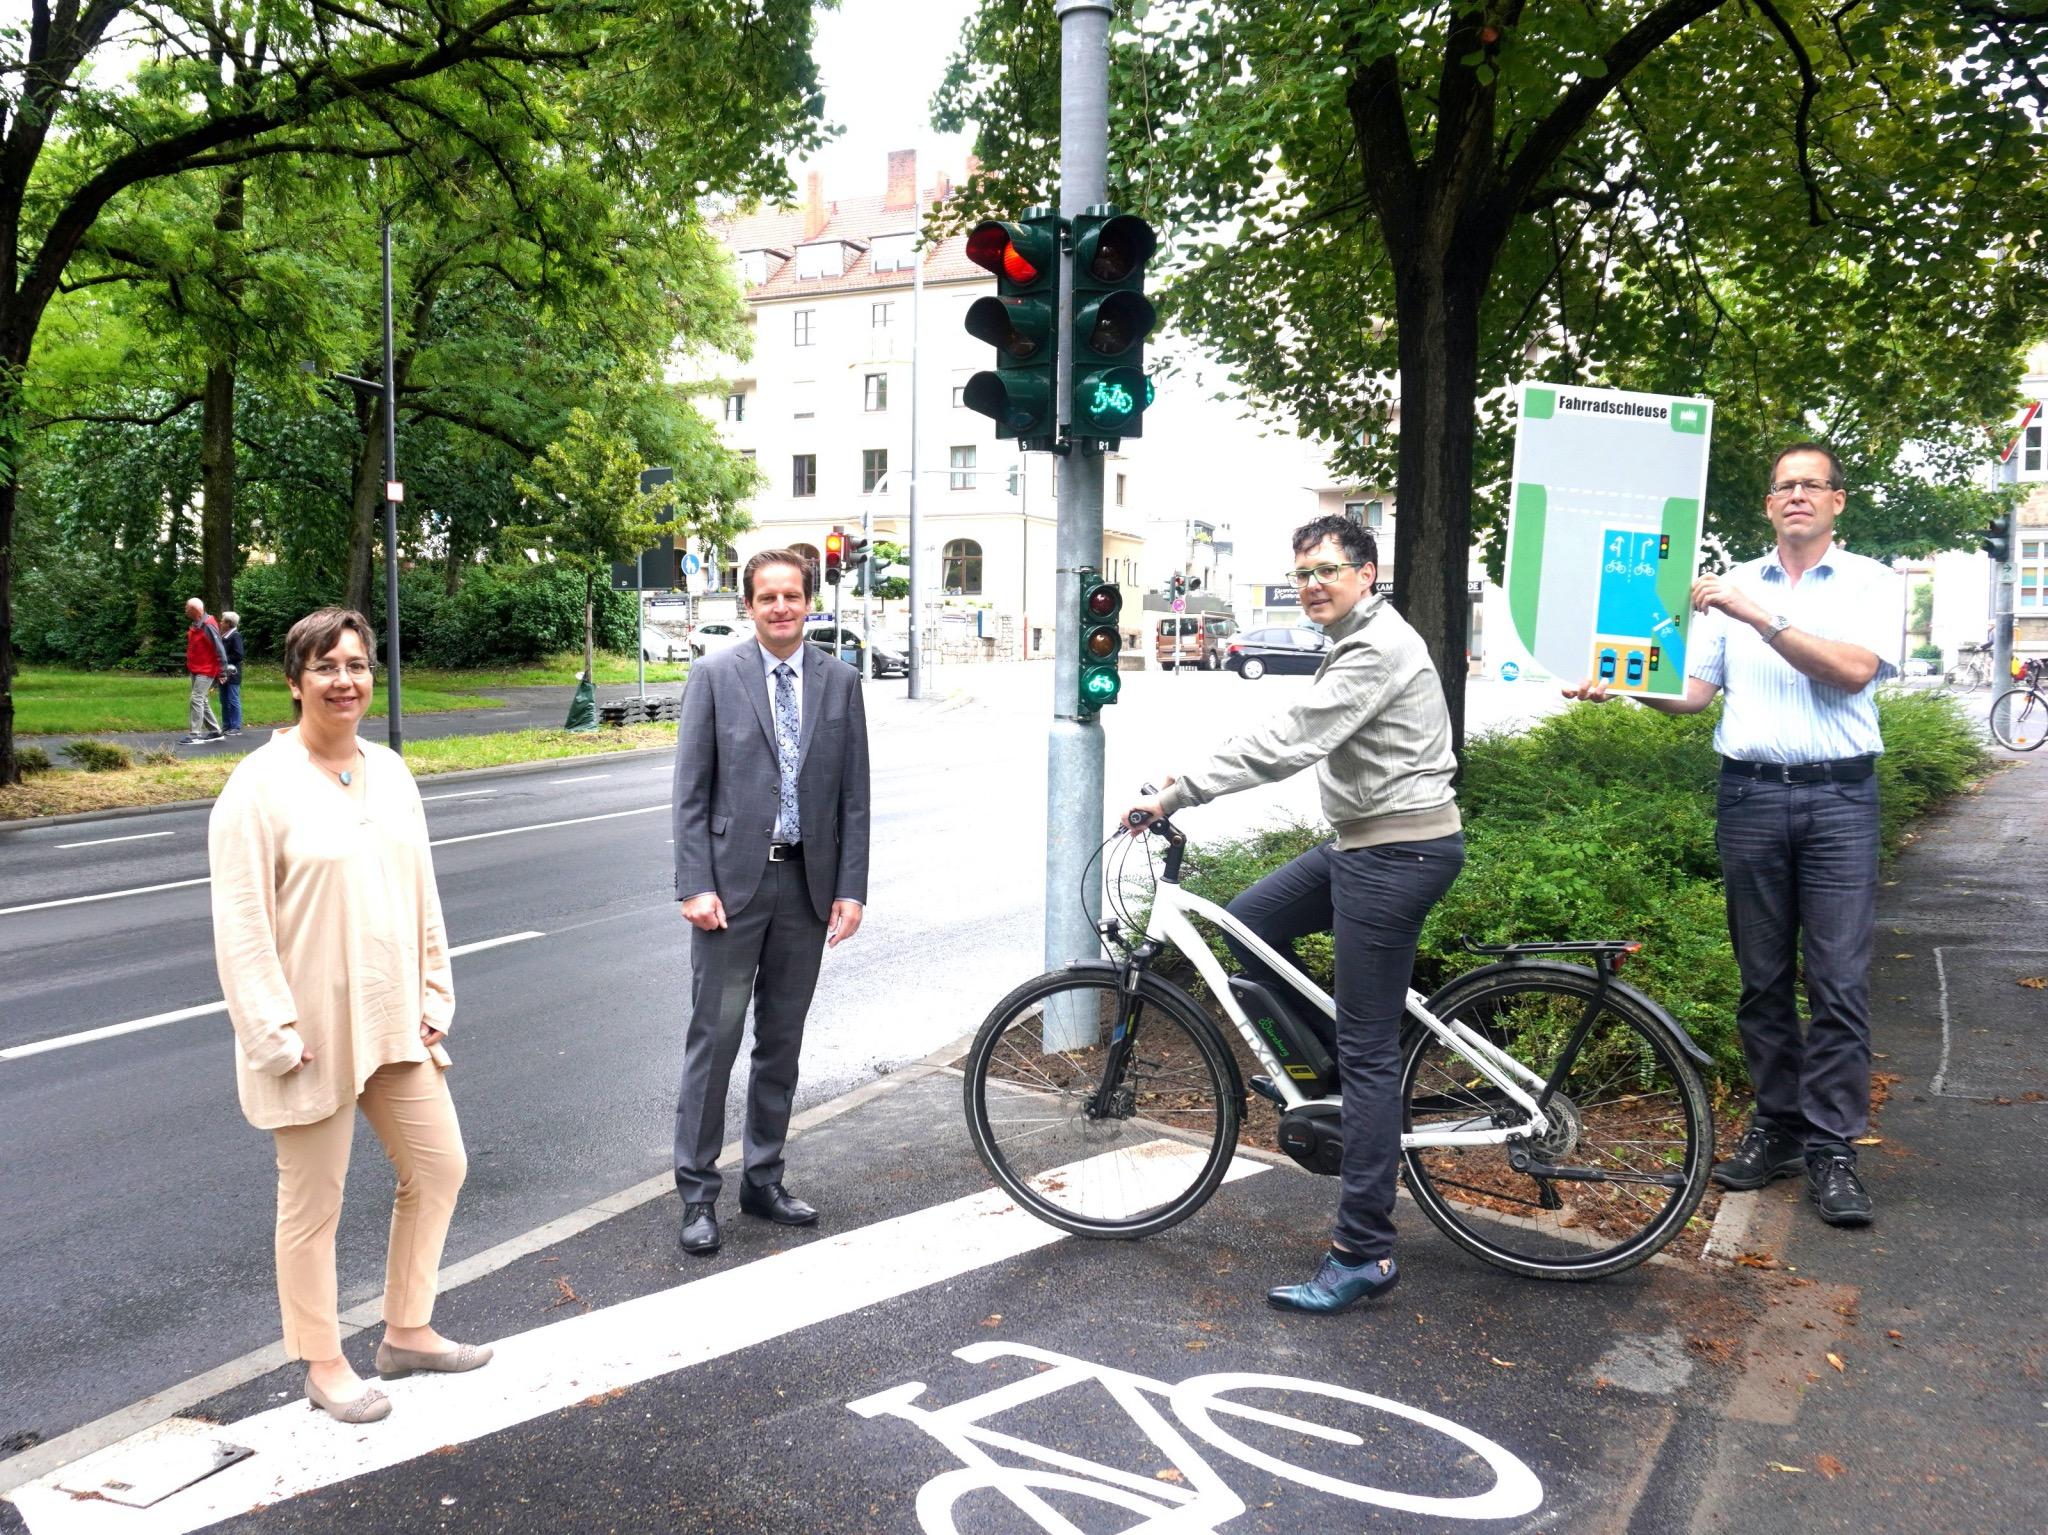 Freuen sich über die Inbetriebnahme der ersten Fahrradschleuse am Rennweg: Annette Messerer Fachbereichsleiterin Tiefbau und Verkehrswesen, Benjamin Schneider Baureferent, Adrien Cochet-Weinandt Radverkehrsbeauftragter, Norbert Meyer Bauhof Foto: Hippeli/ Stadt Würzburg.